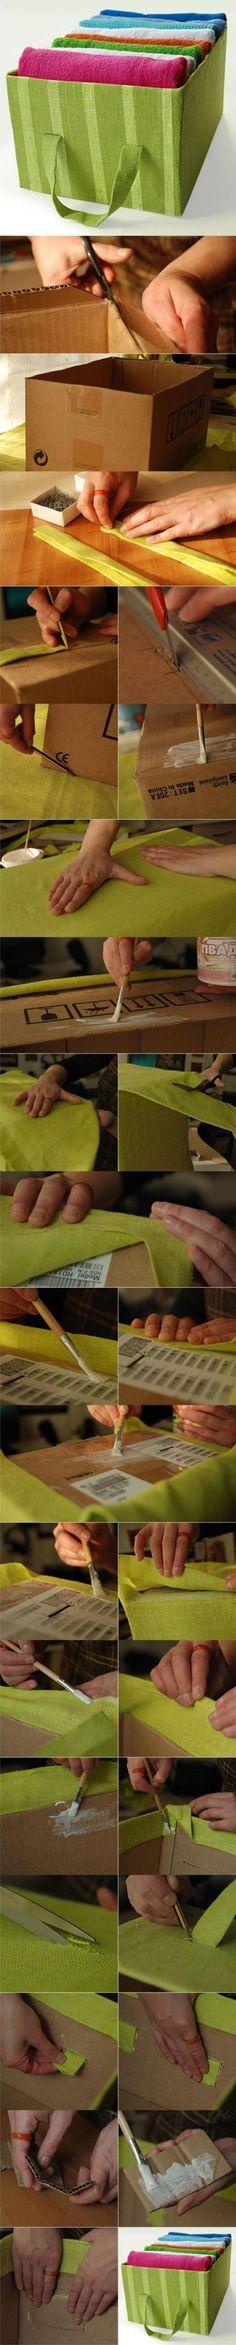 Boite range serviettes